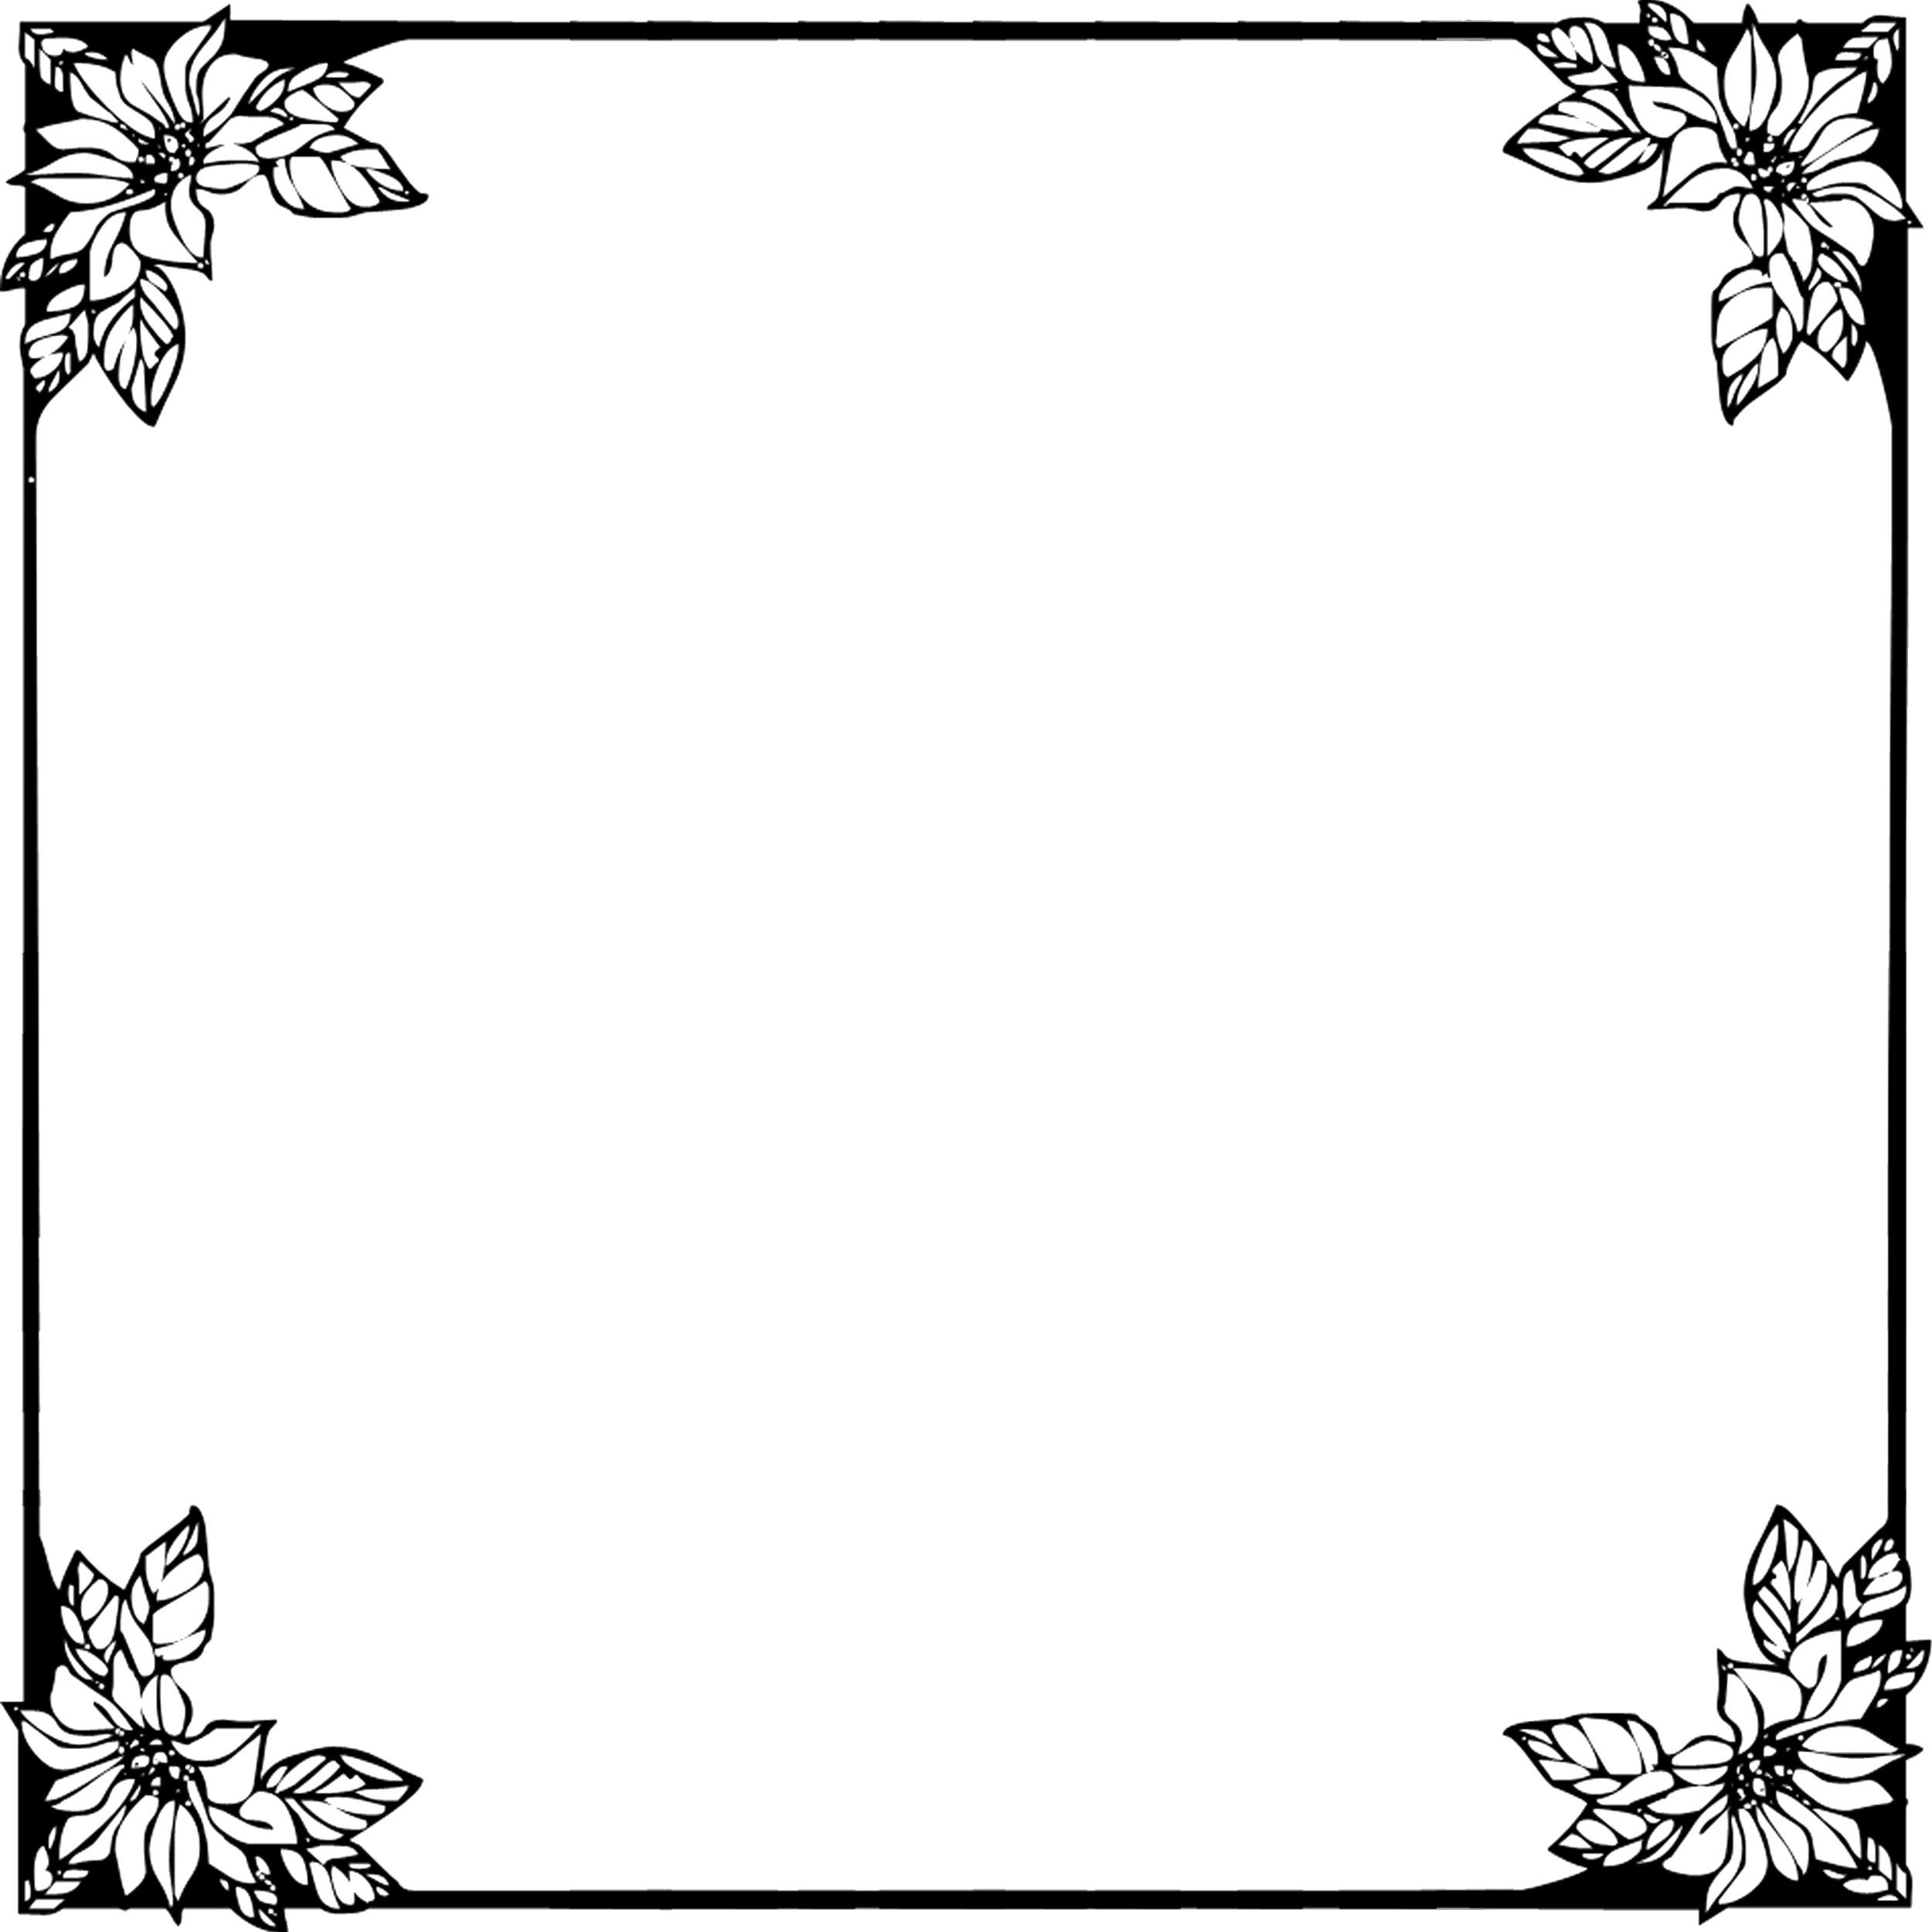 花のイラスト・フリー素材/フレーム枠no.018『白黒・四隅花』